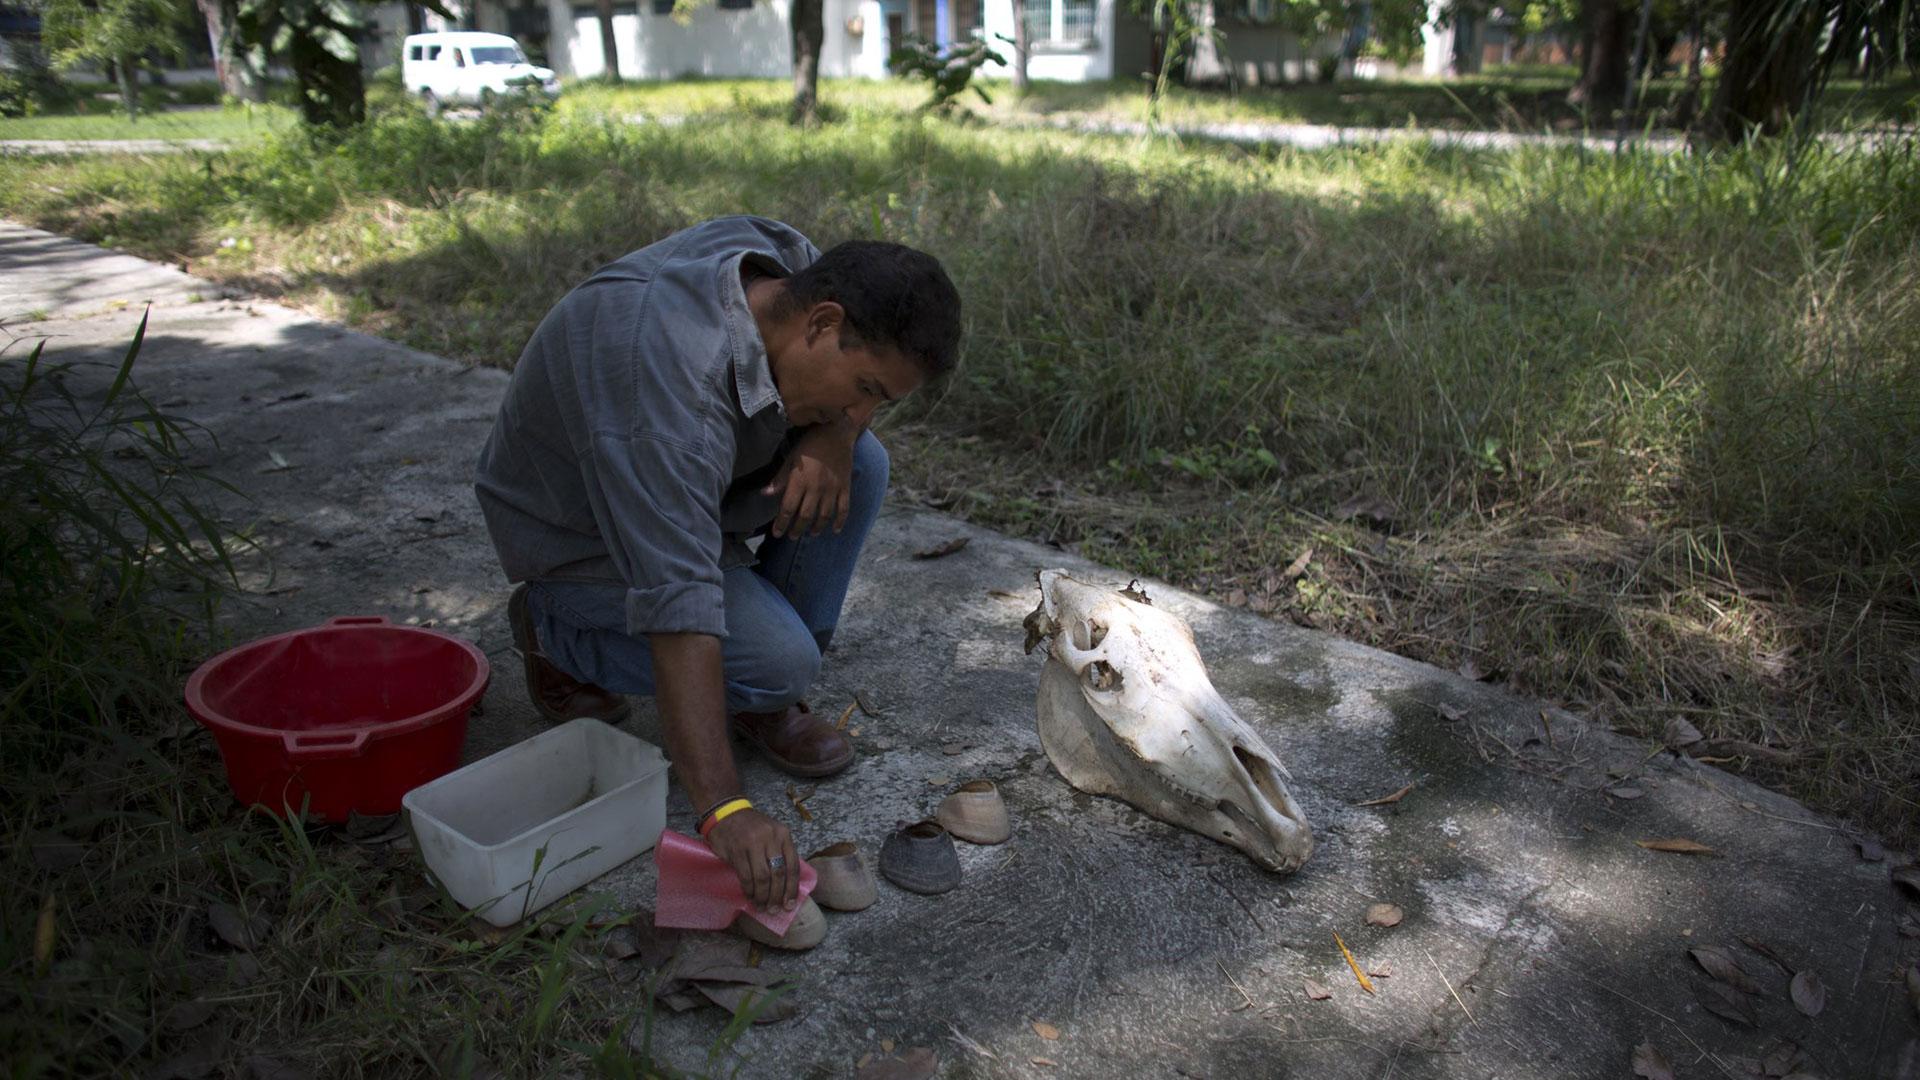 Toro descubrió la piel del animal y sus huesos desmembrados escondidos entre los árboles en el pasto de una esquina del recinto universitario de la ciudad de Maracay